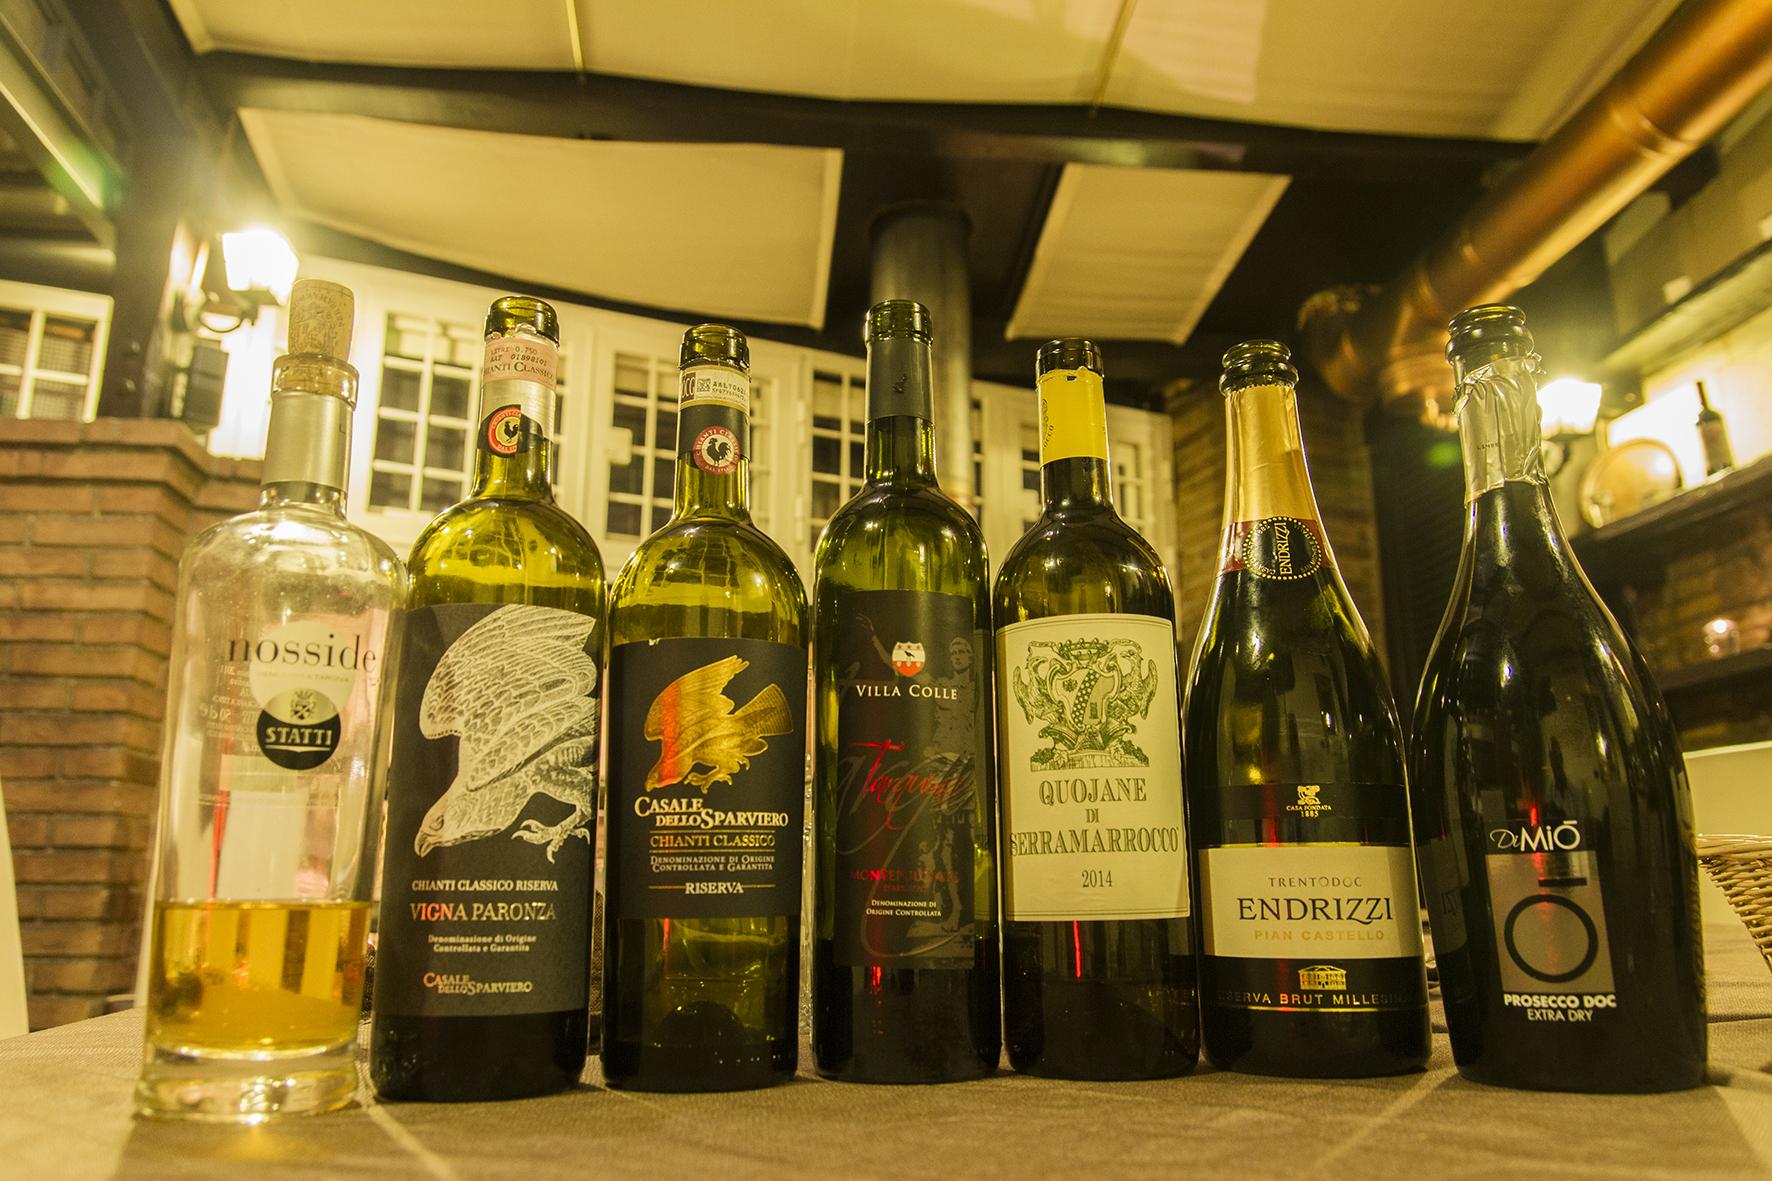 Lazio wines